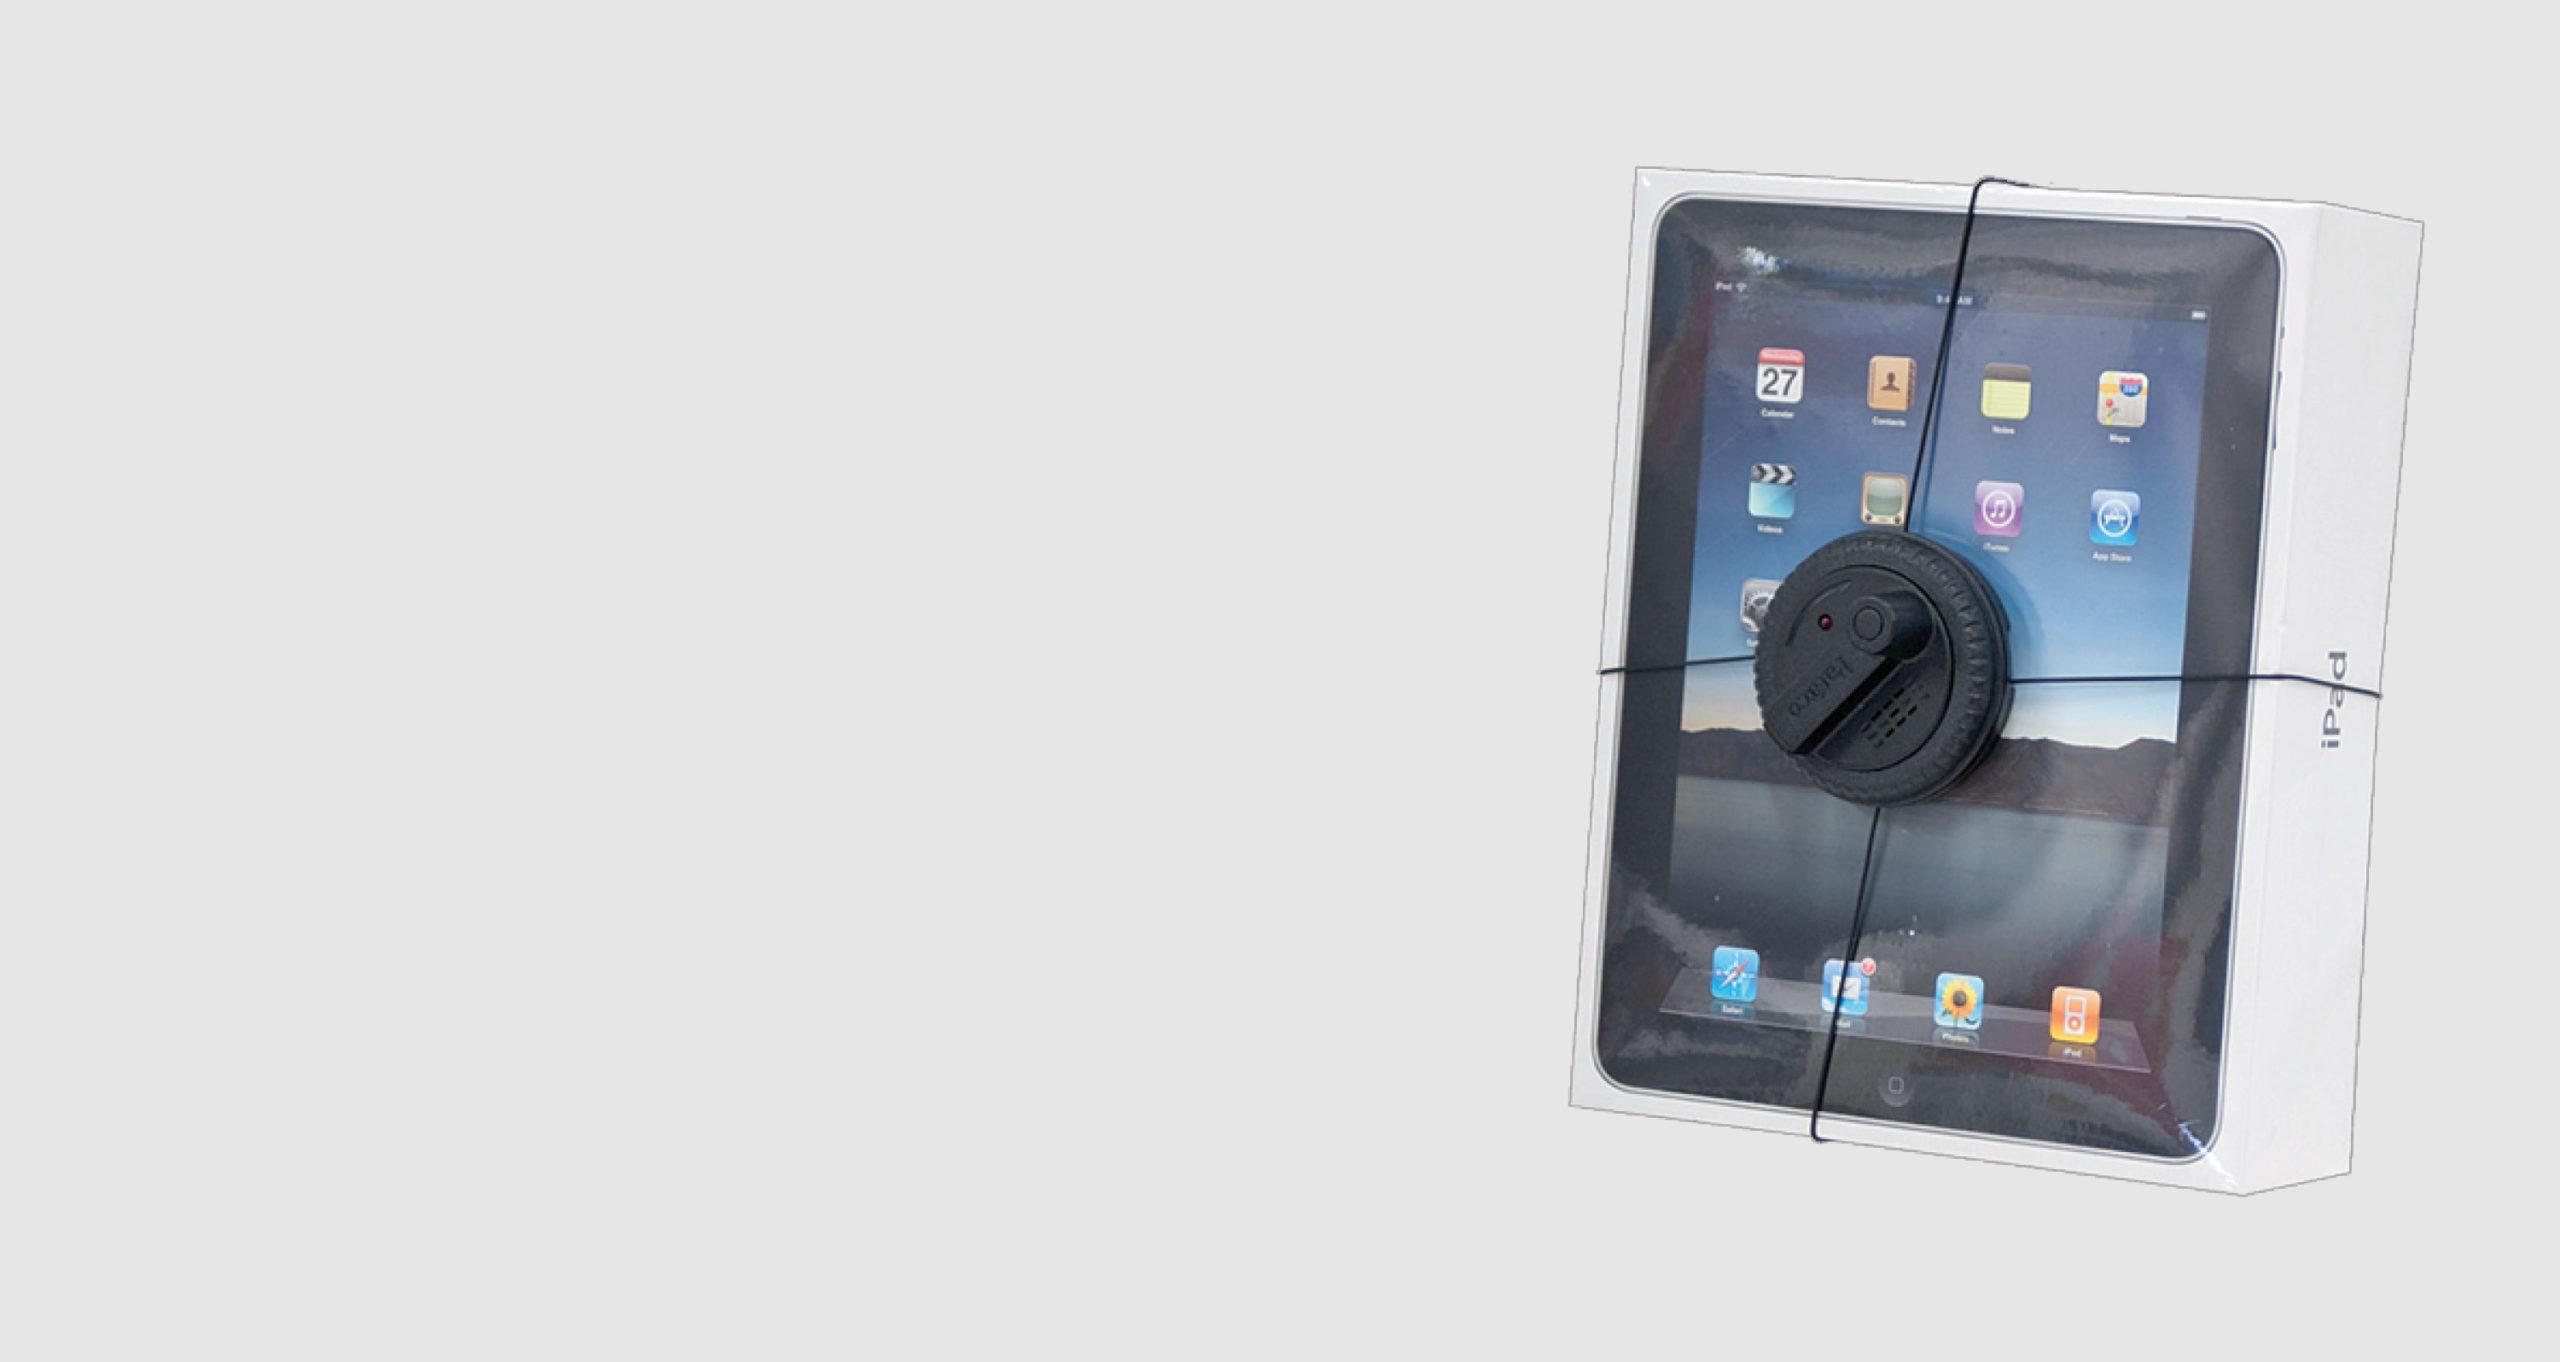 Une tablette iPad dans son emballage entouré d'un système antivol de type araignée